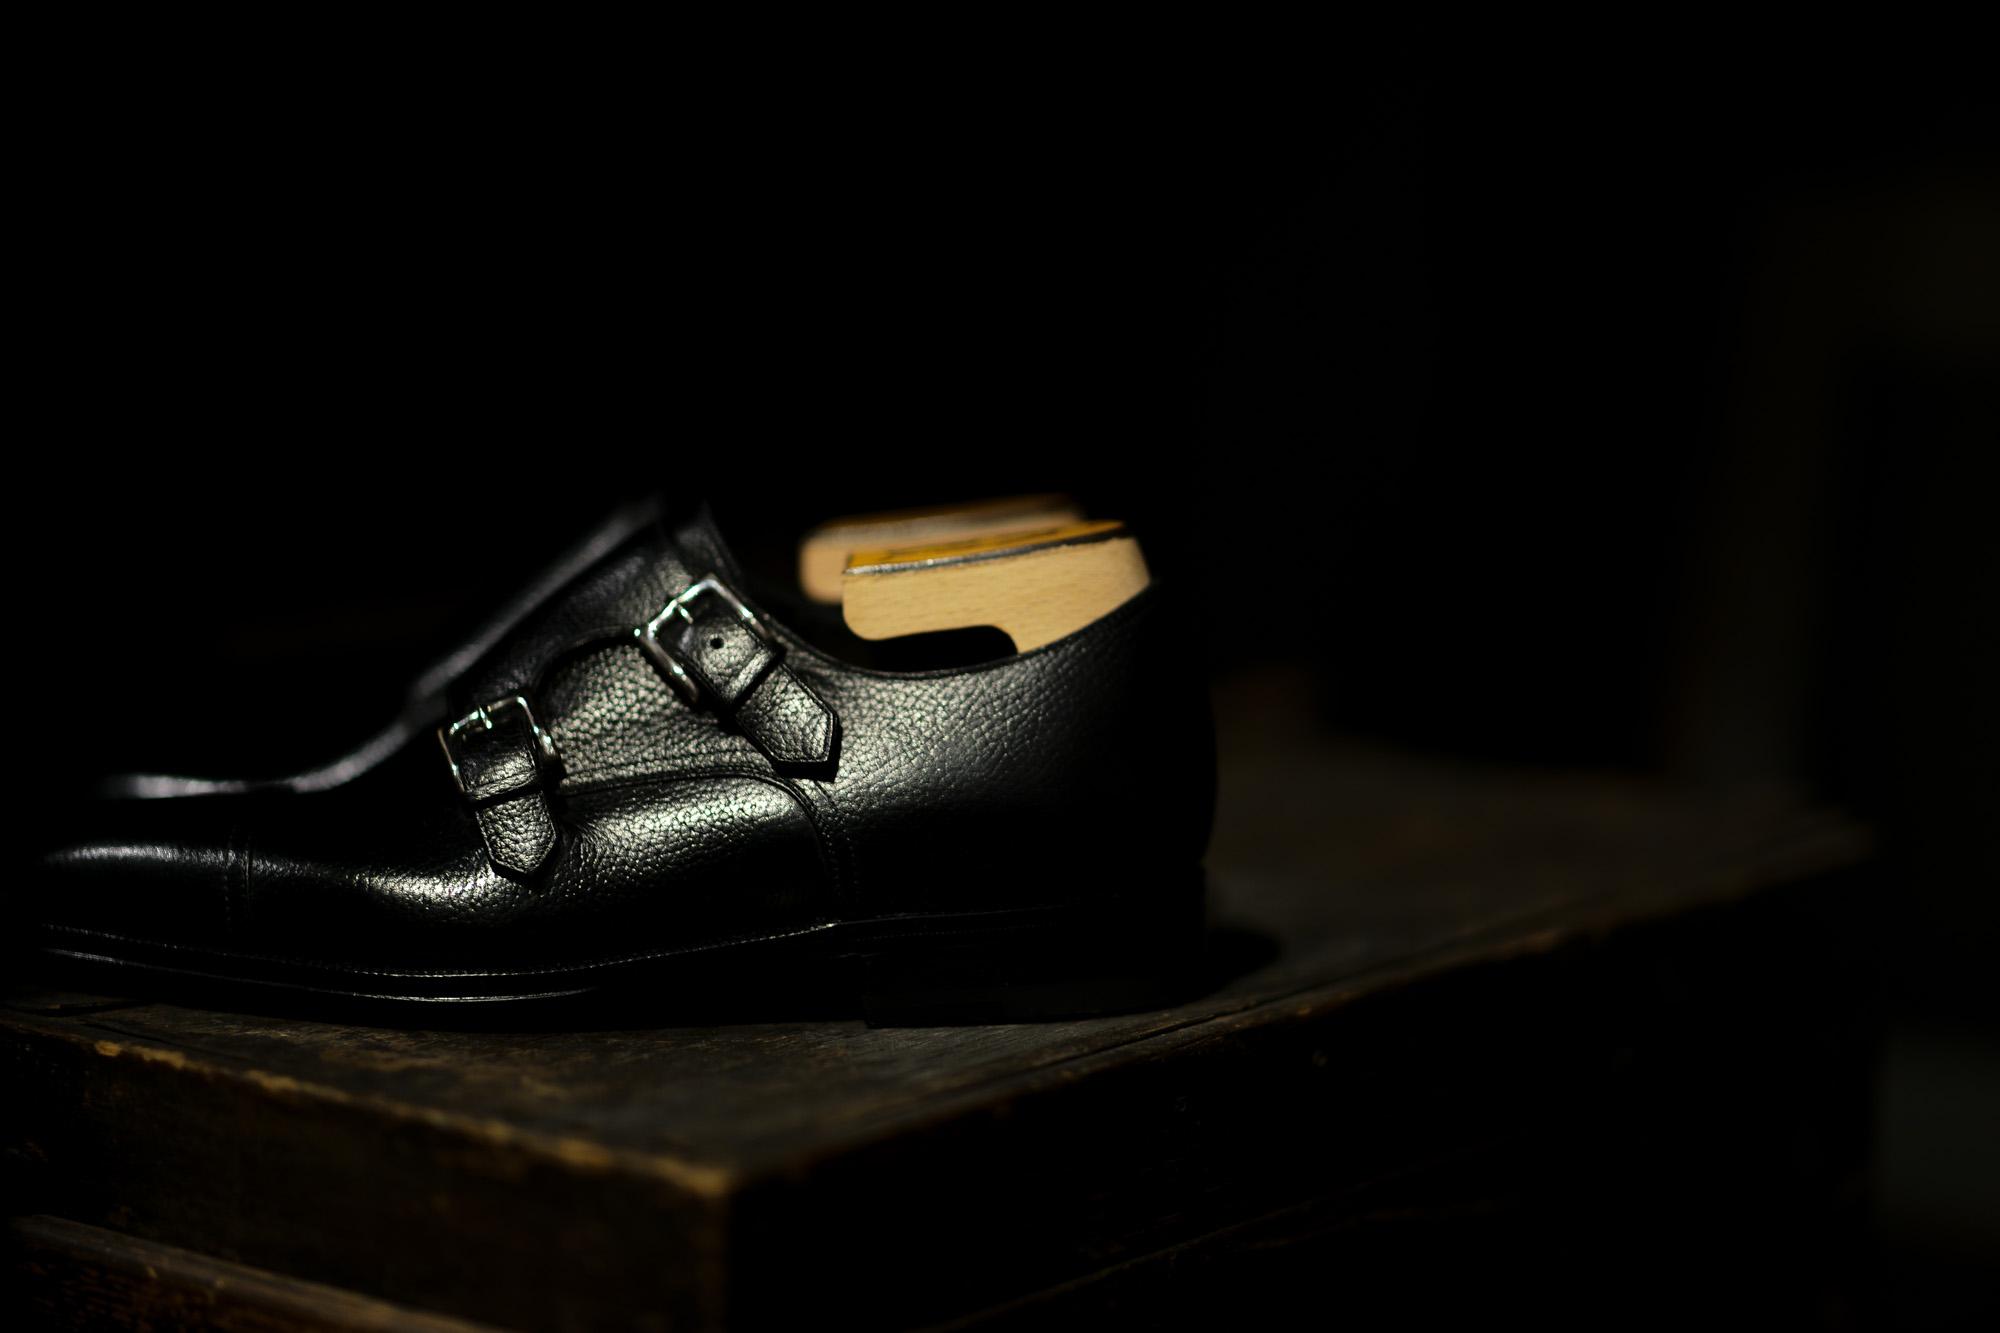 ENZO BONAFE (エンツォボナフェ) ART.EB-02 Double Monk Strap Shoes INCA Leather ダブルモンクストラップシューズ NERO (ブラック) made in italy (イタリア製) 2020 愛知 名古屋 Alto e Diritto アルトエデリット ドレスシューズ